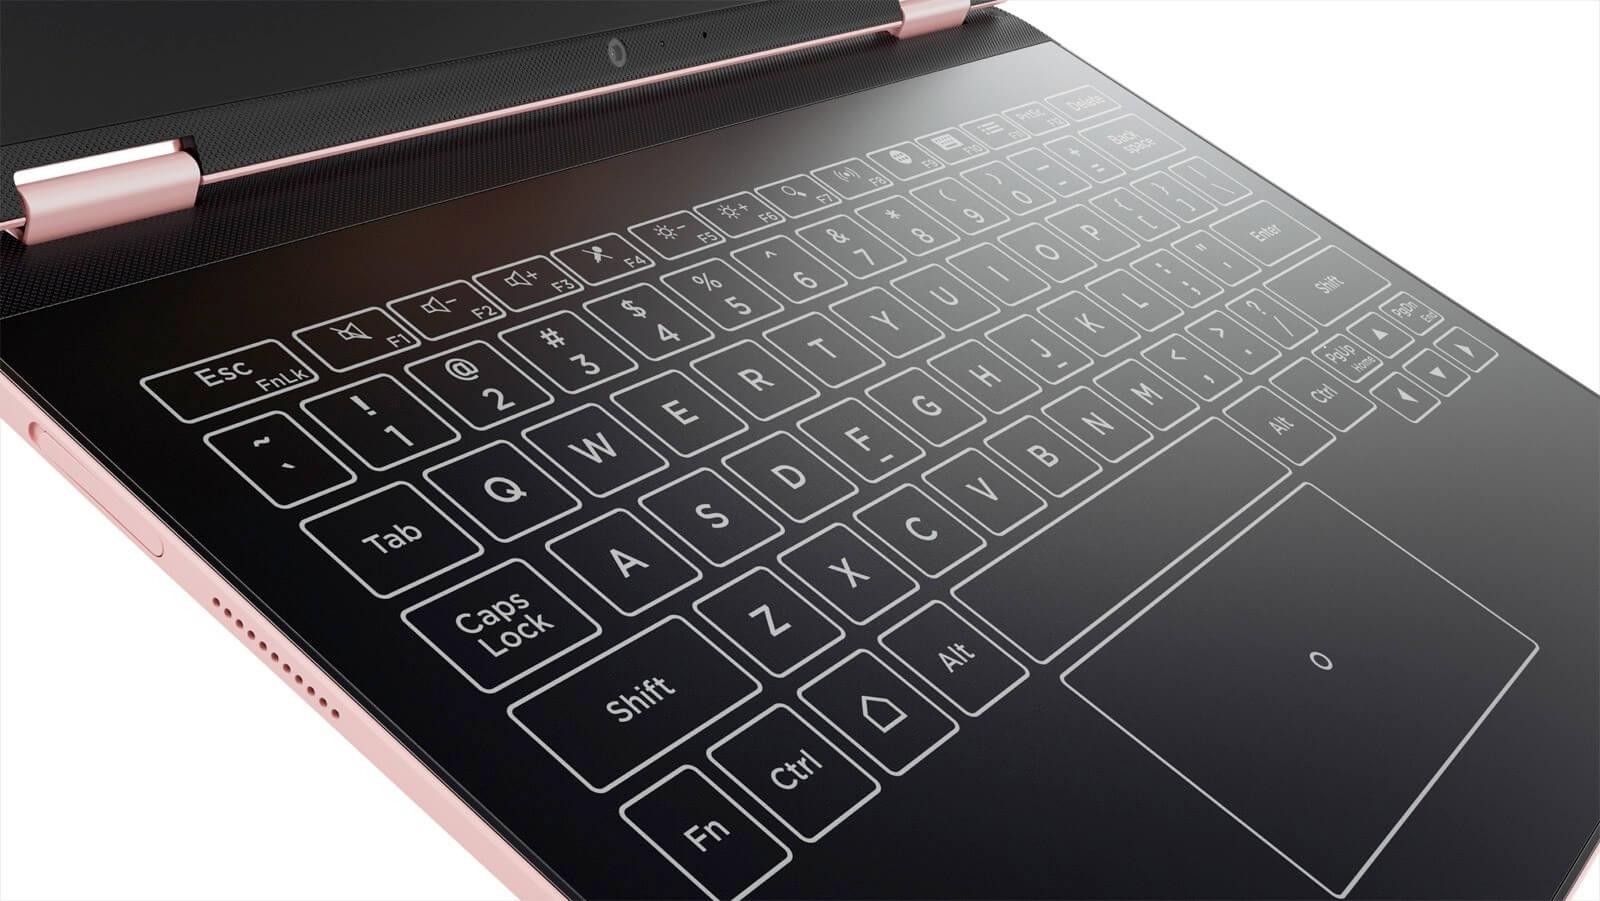 Android prémium köntösben: Lenovo Yoga A12